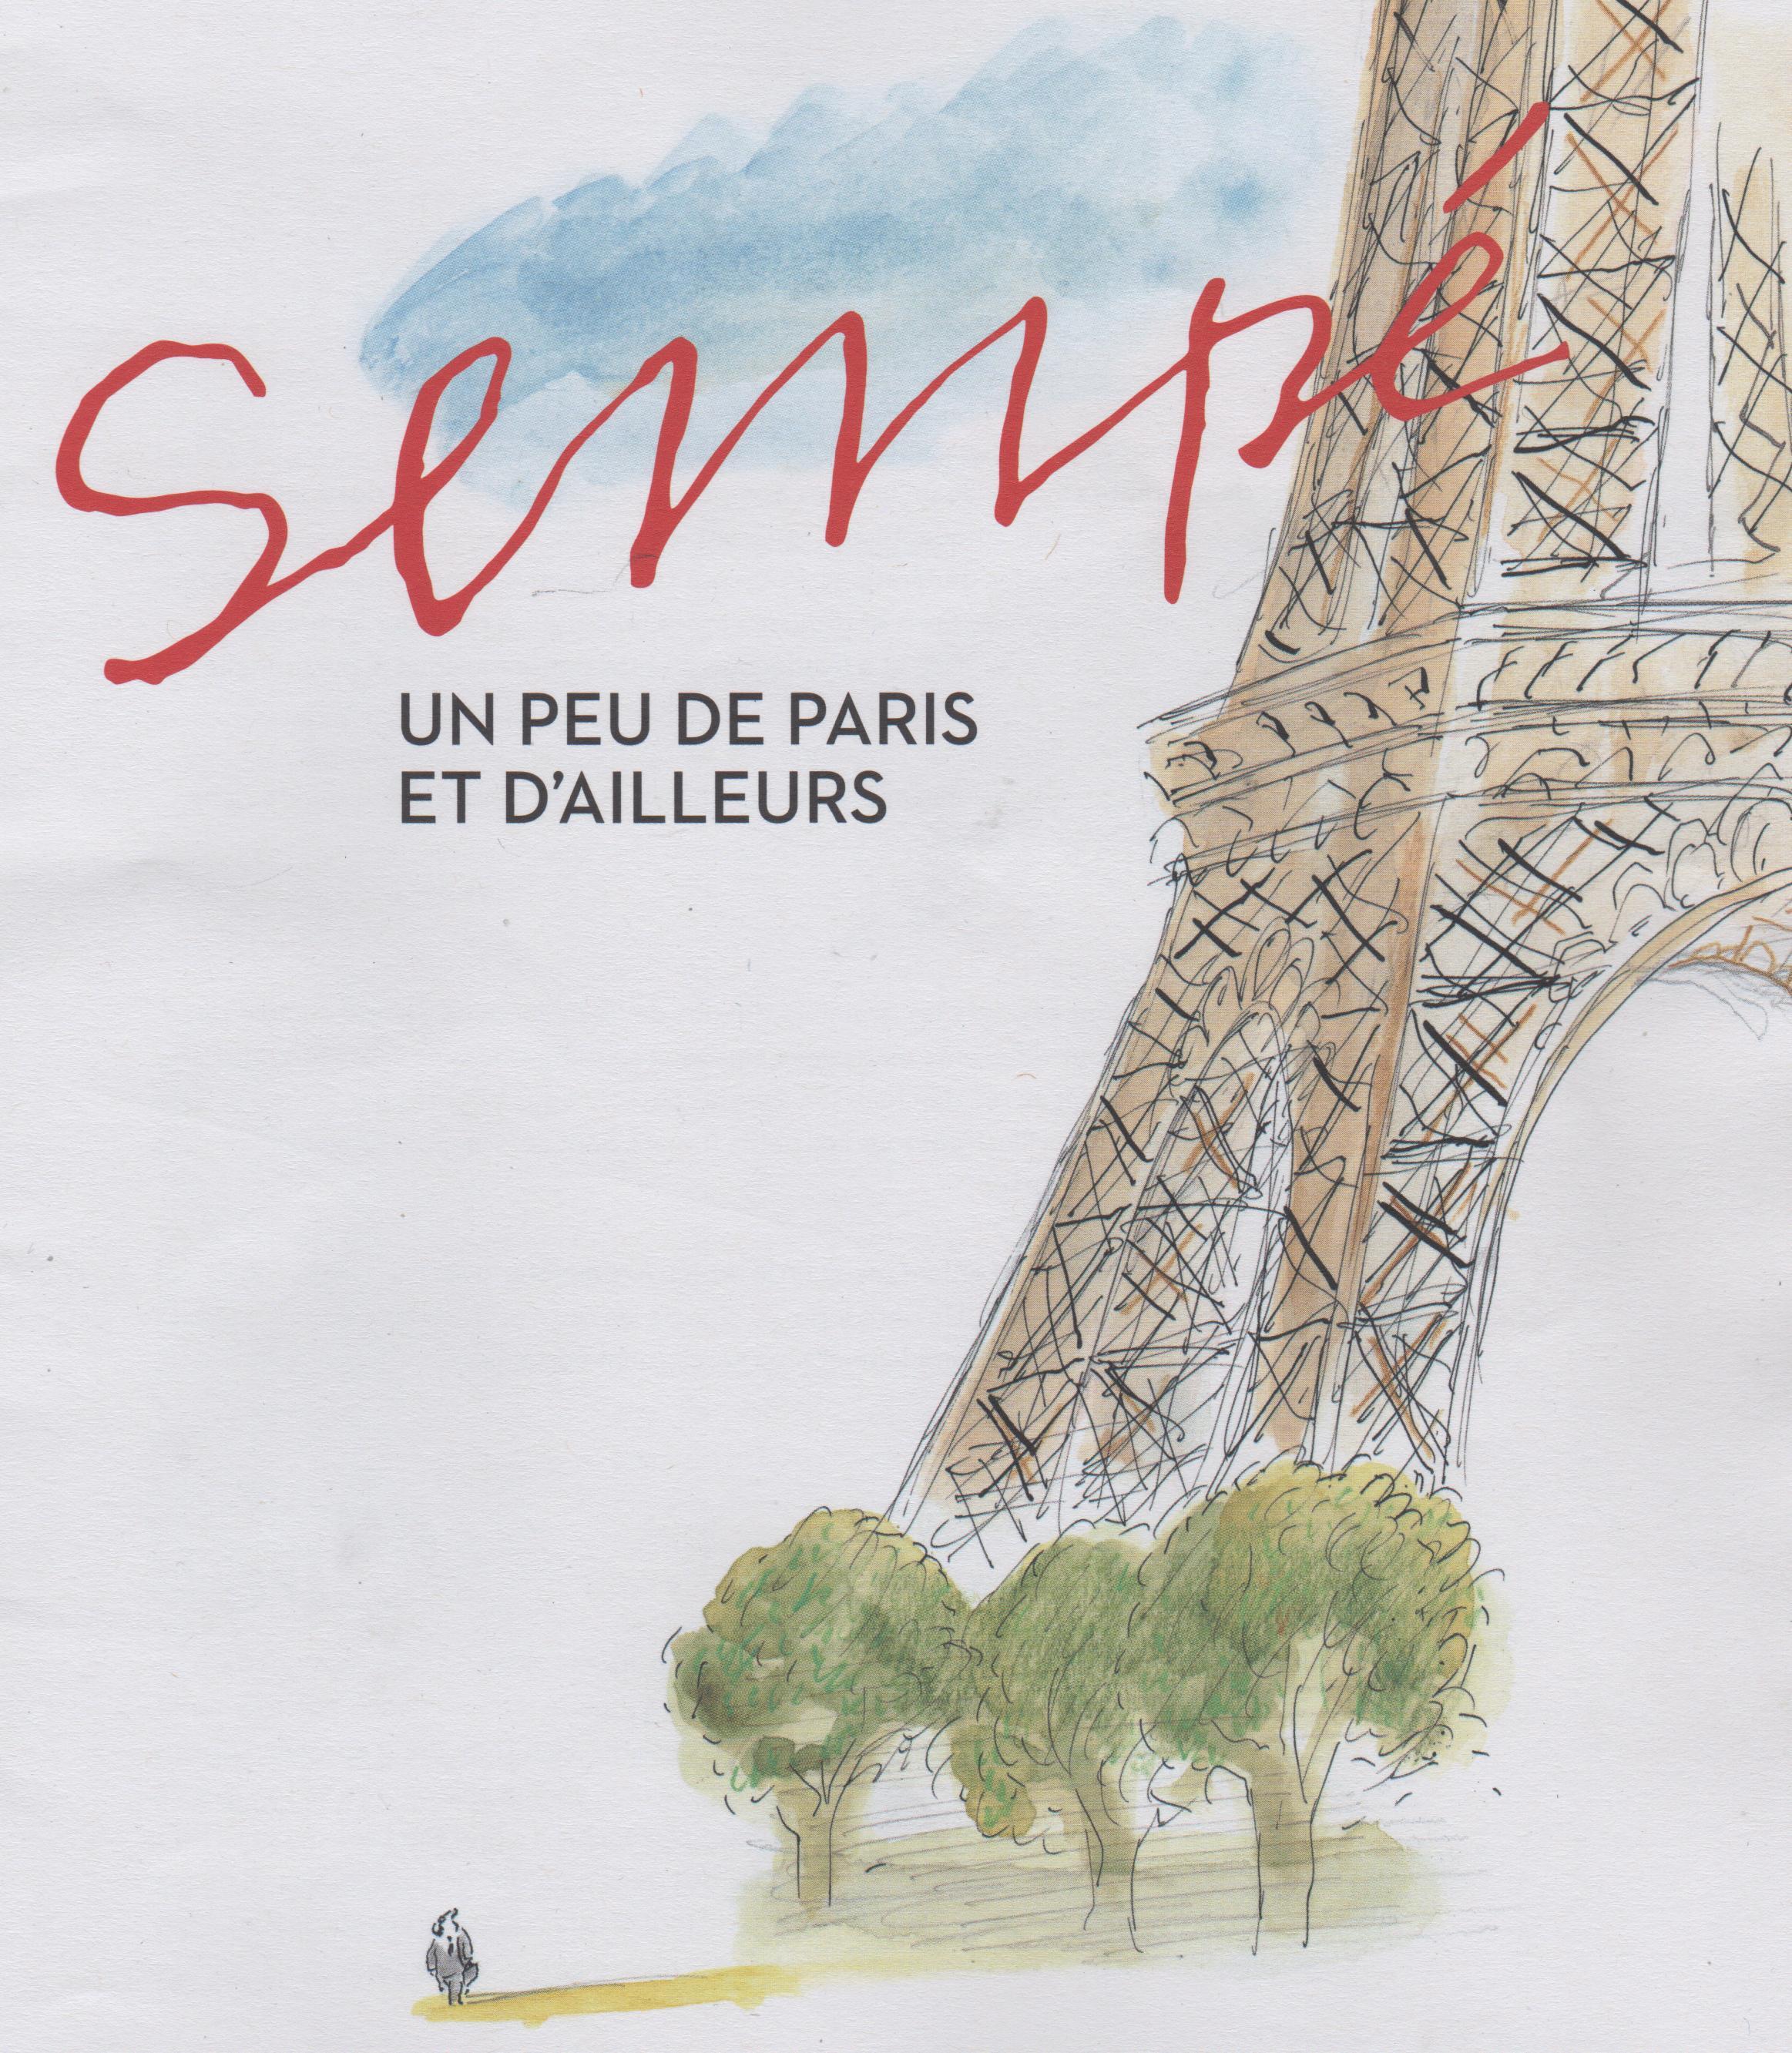 """""""Un peu de Paris et d'ailleurs"""" by Jean-Jacques Sempé"""